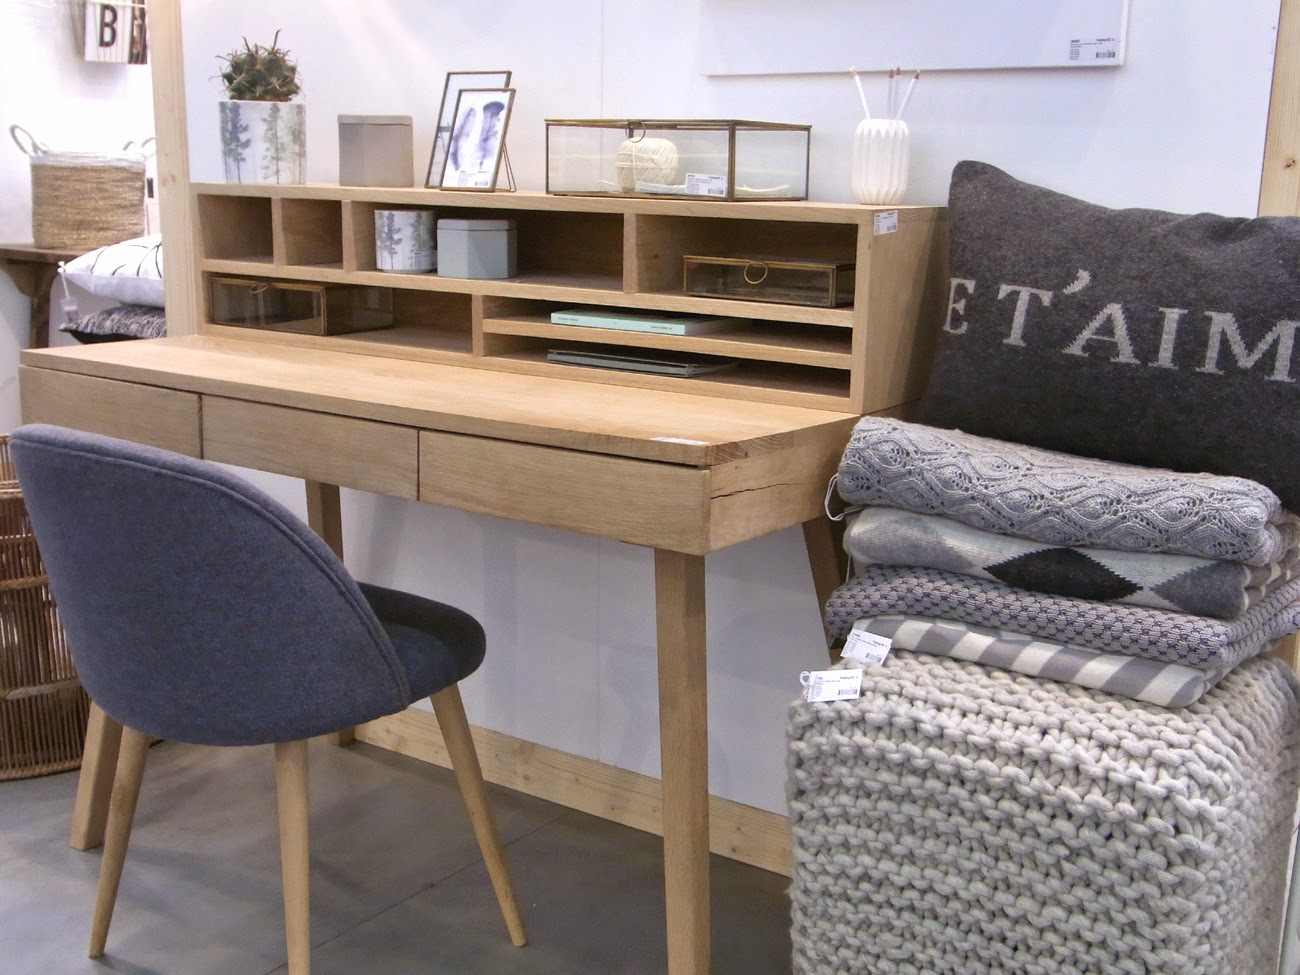 Holzschreibtisch, Schreibtisch Holz geradlinig, Stuhl gepolstert grau, Kissen, gestrickte Poufs, Plaids, Decken grau weiß, geometrische Muster